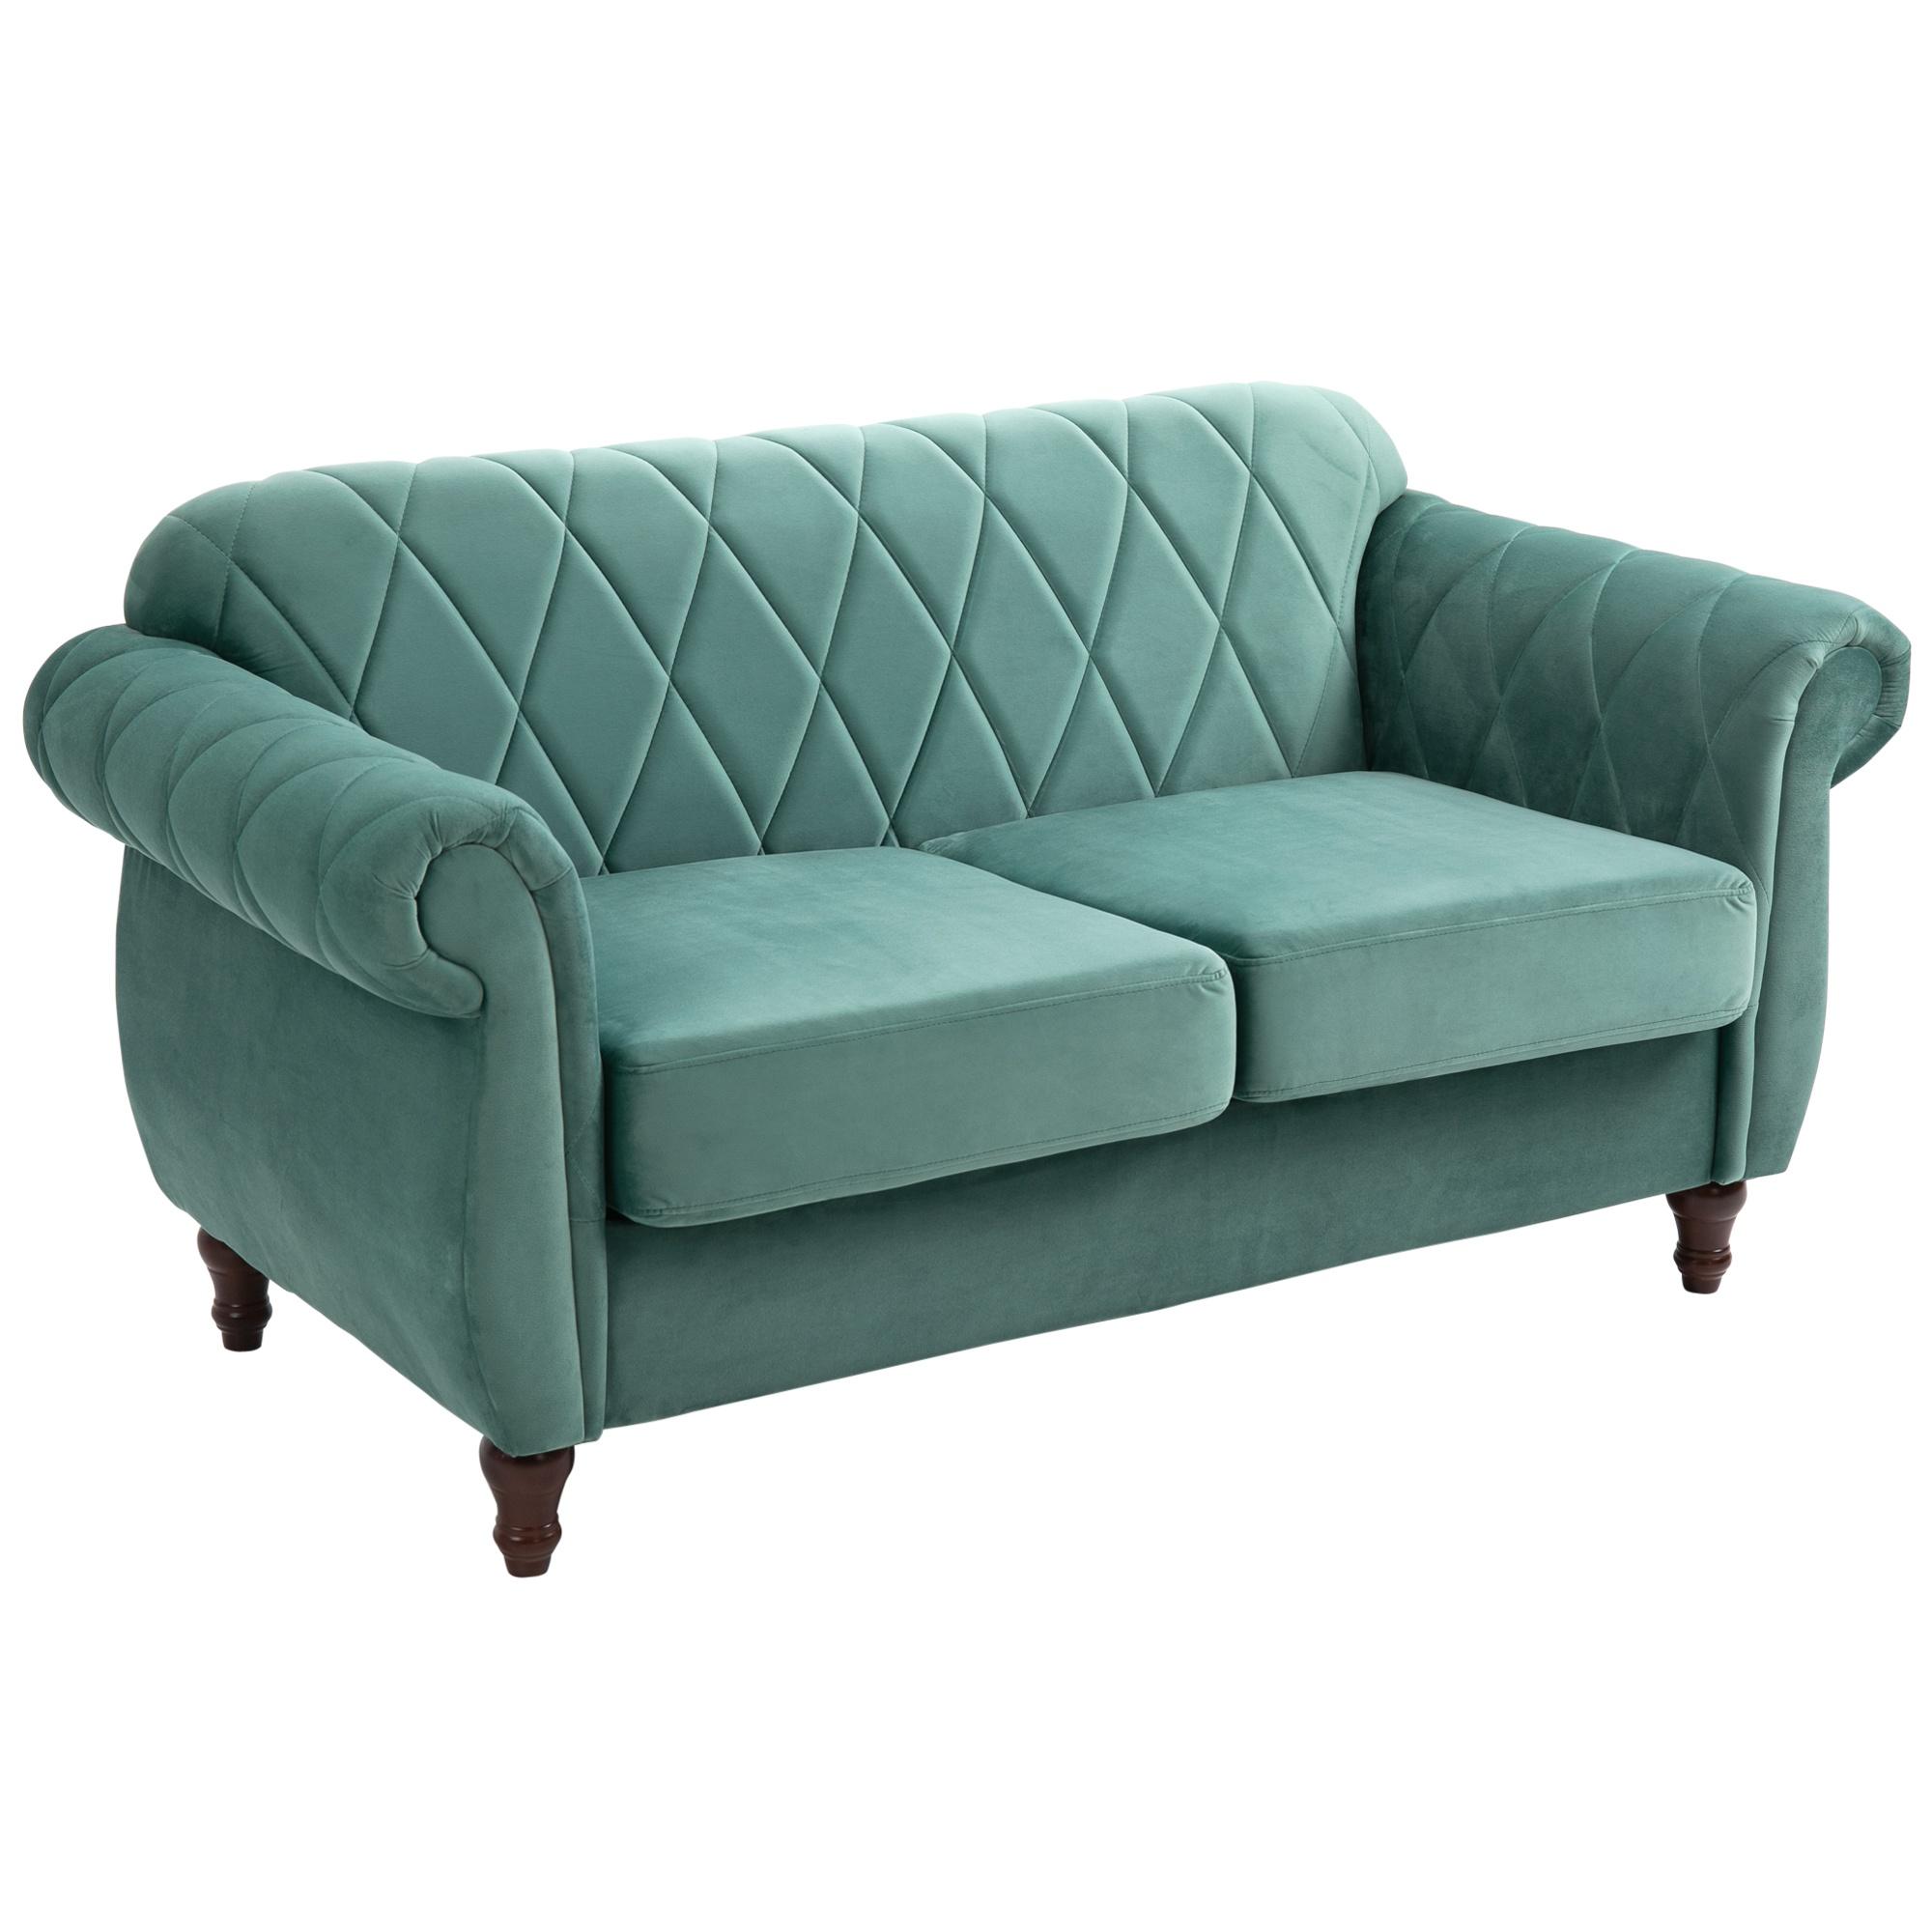 Homcom Divano 2 Posti in Legno e Velluto Verde Design Vintage 148 x 72 x 76cm